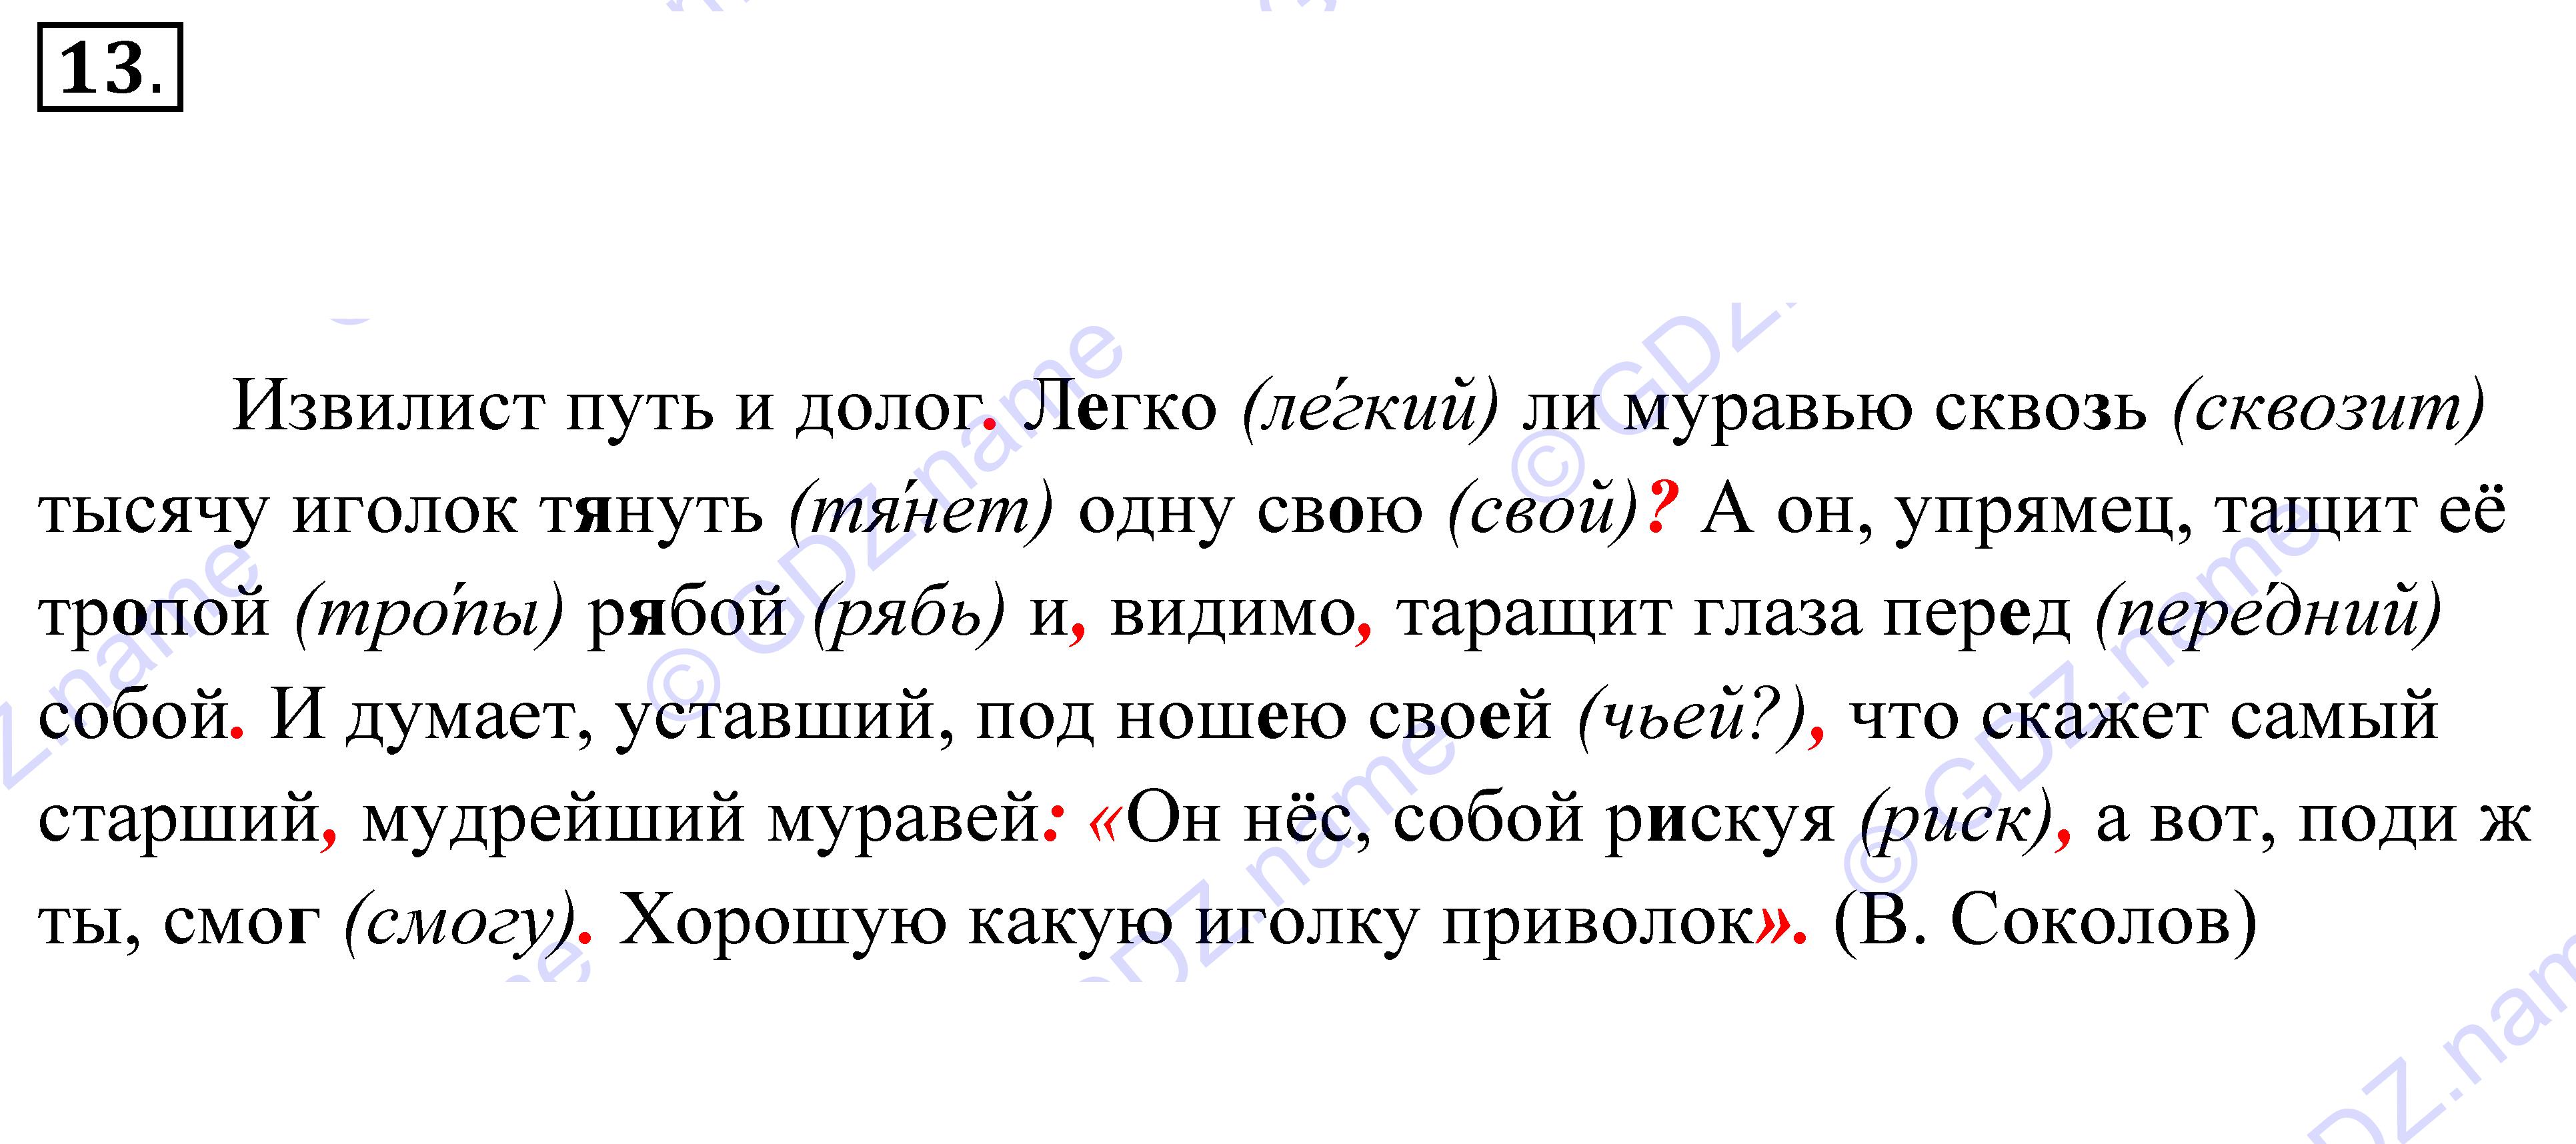 Русский язык практика 7 класс упражнение